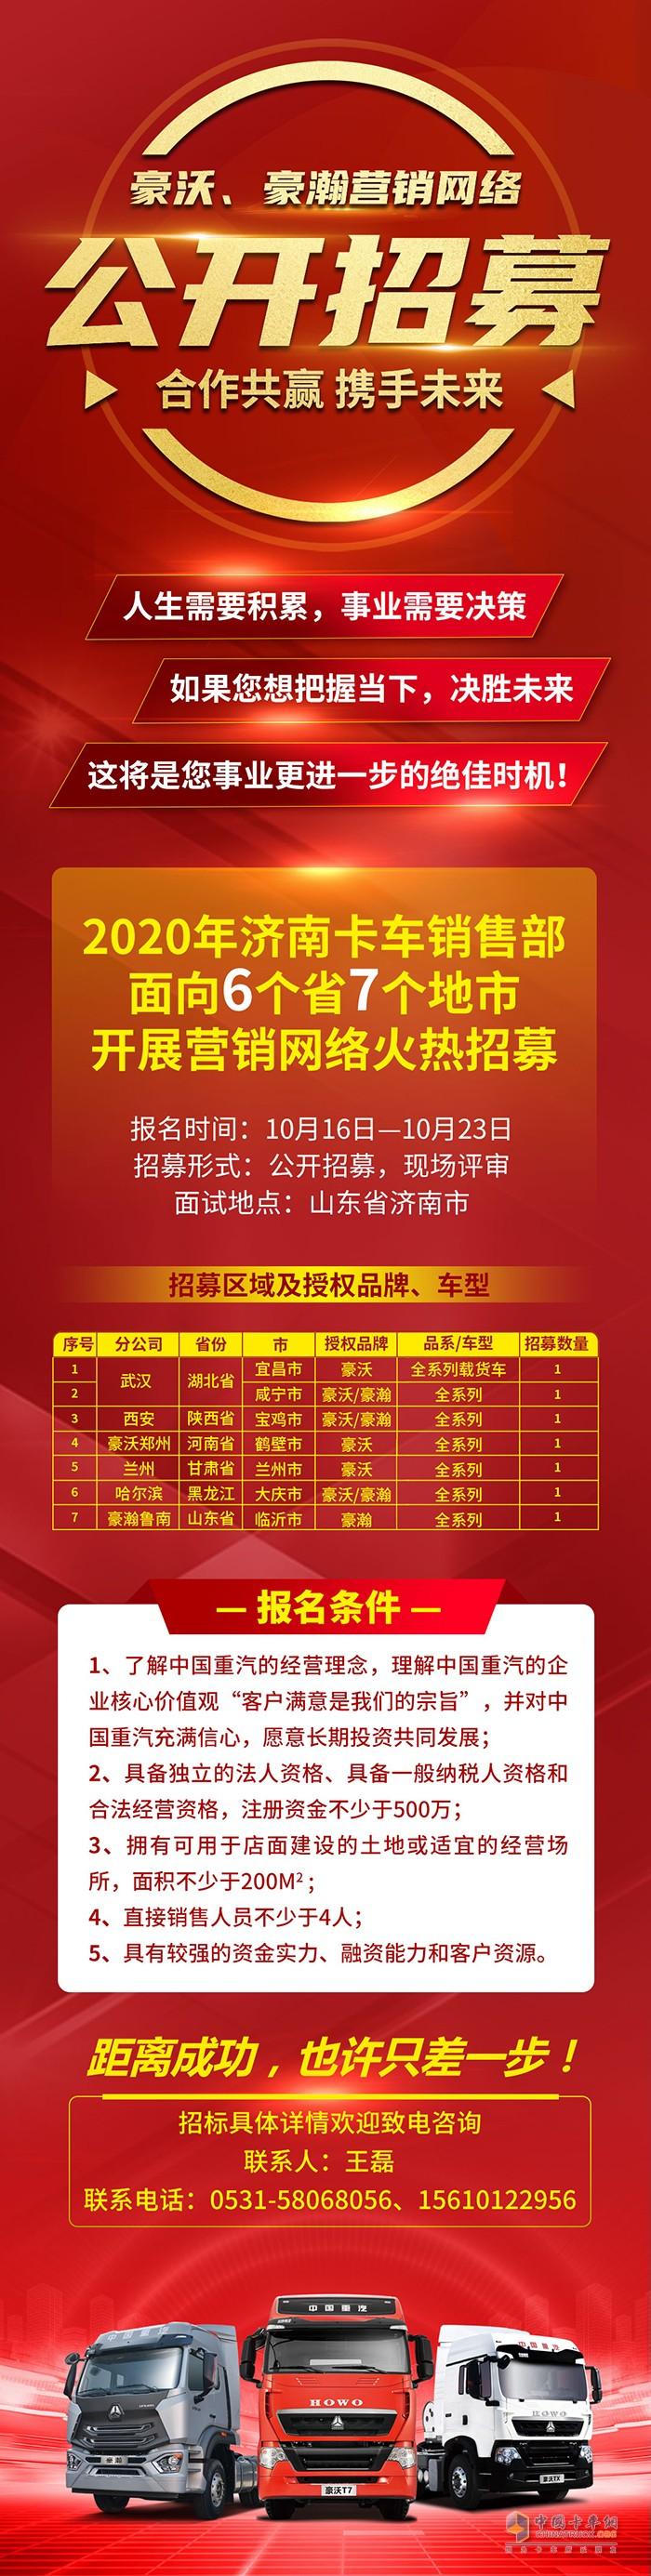 2020年中国重汽济南卡车销售部